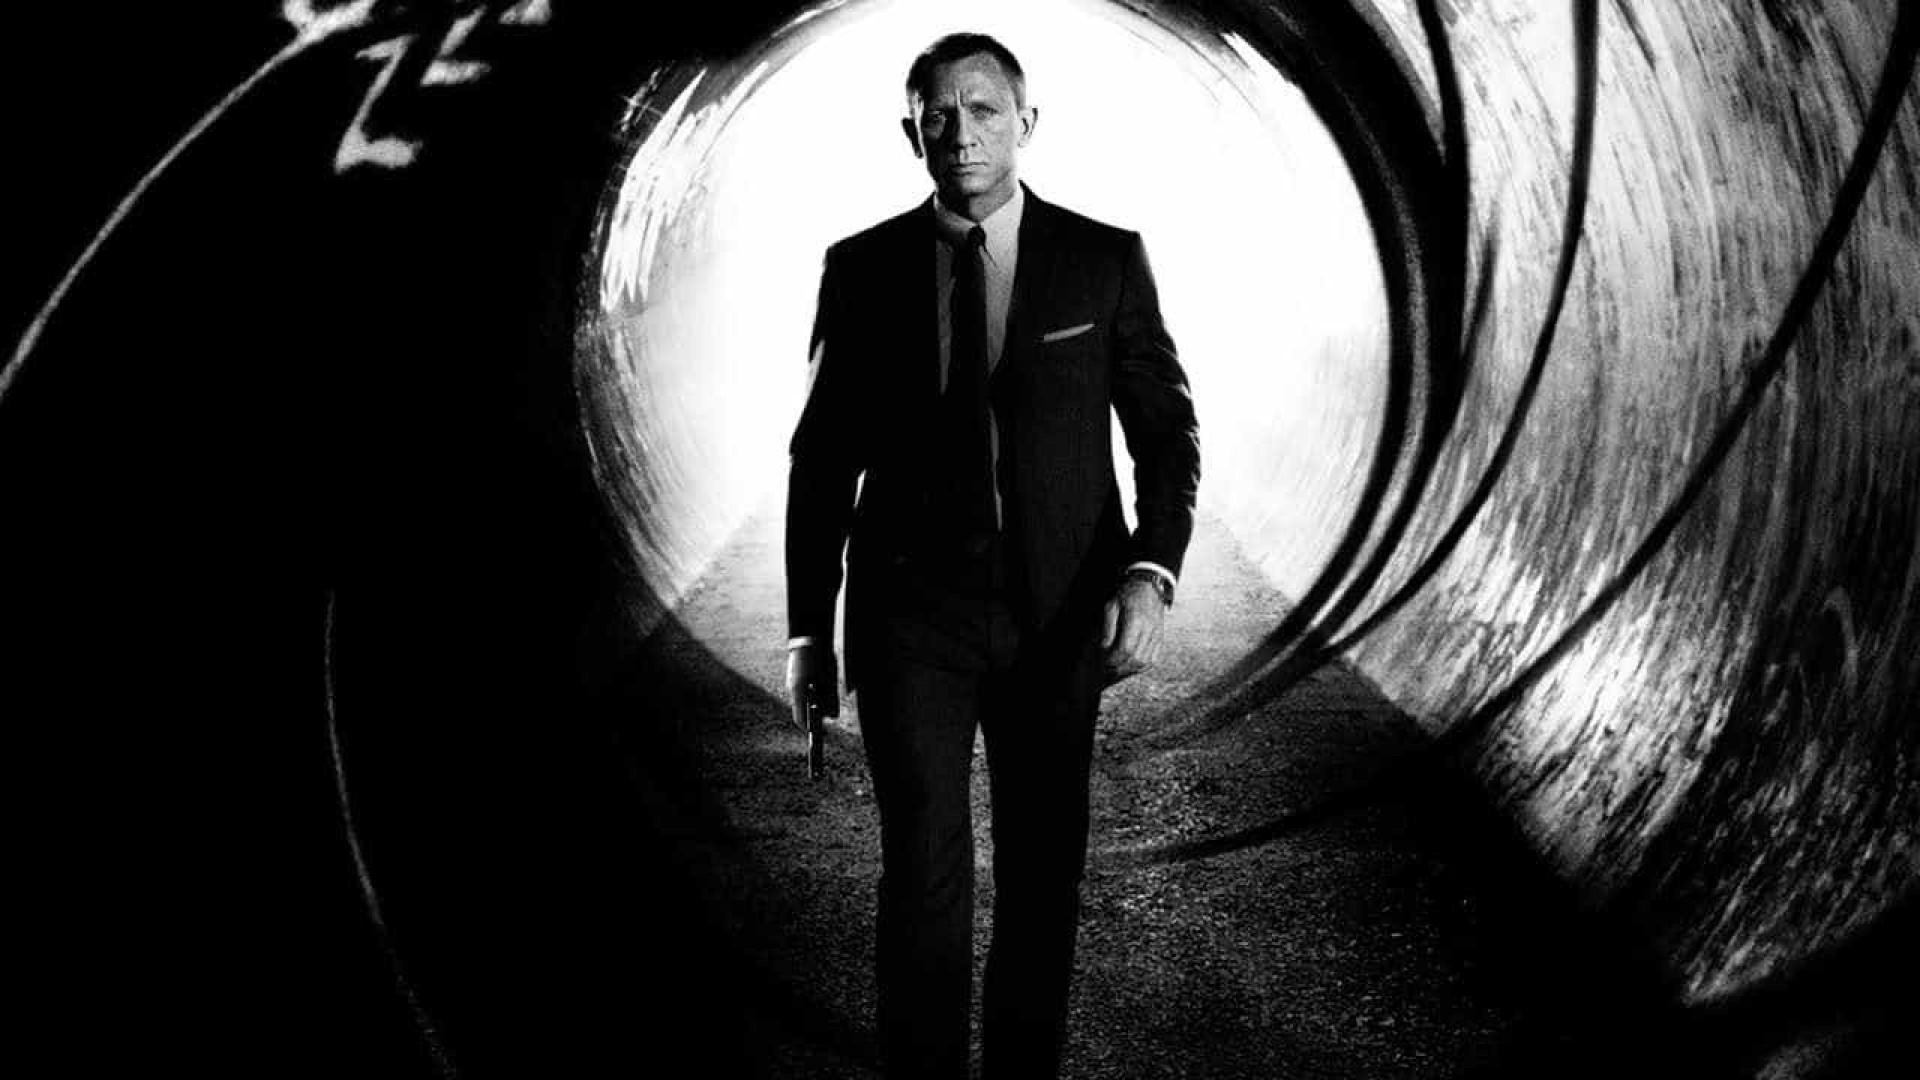 Próximo vilão de James Bond pode ser russo. Imitação da realidade?